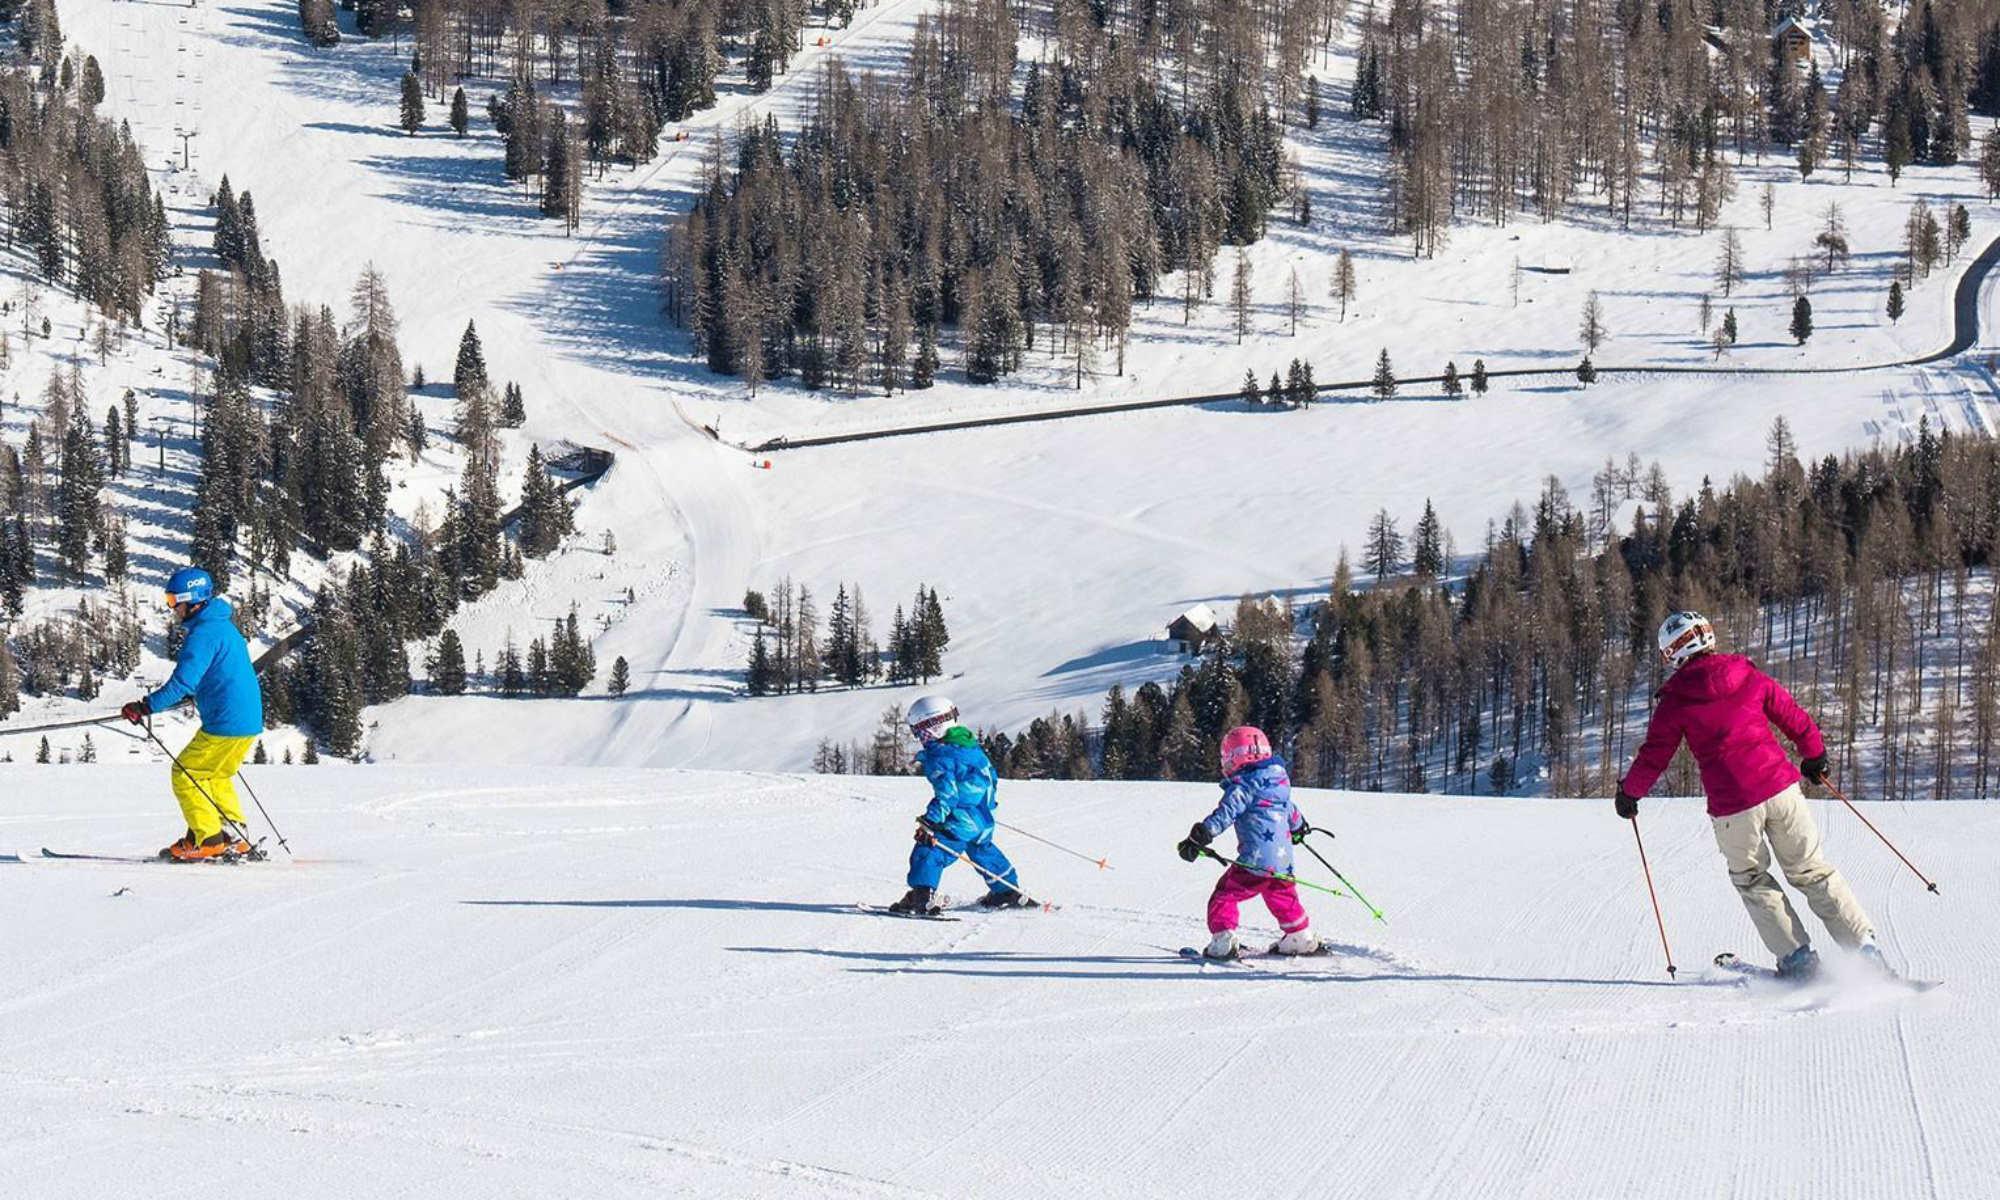 Kinder und Erwachsene beim Skikurs auf einer sonnigen Piste im Skigebiet Hochrindl.